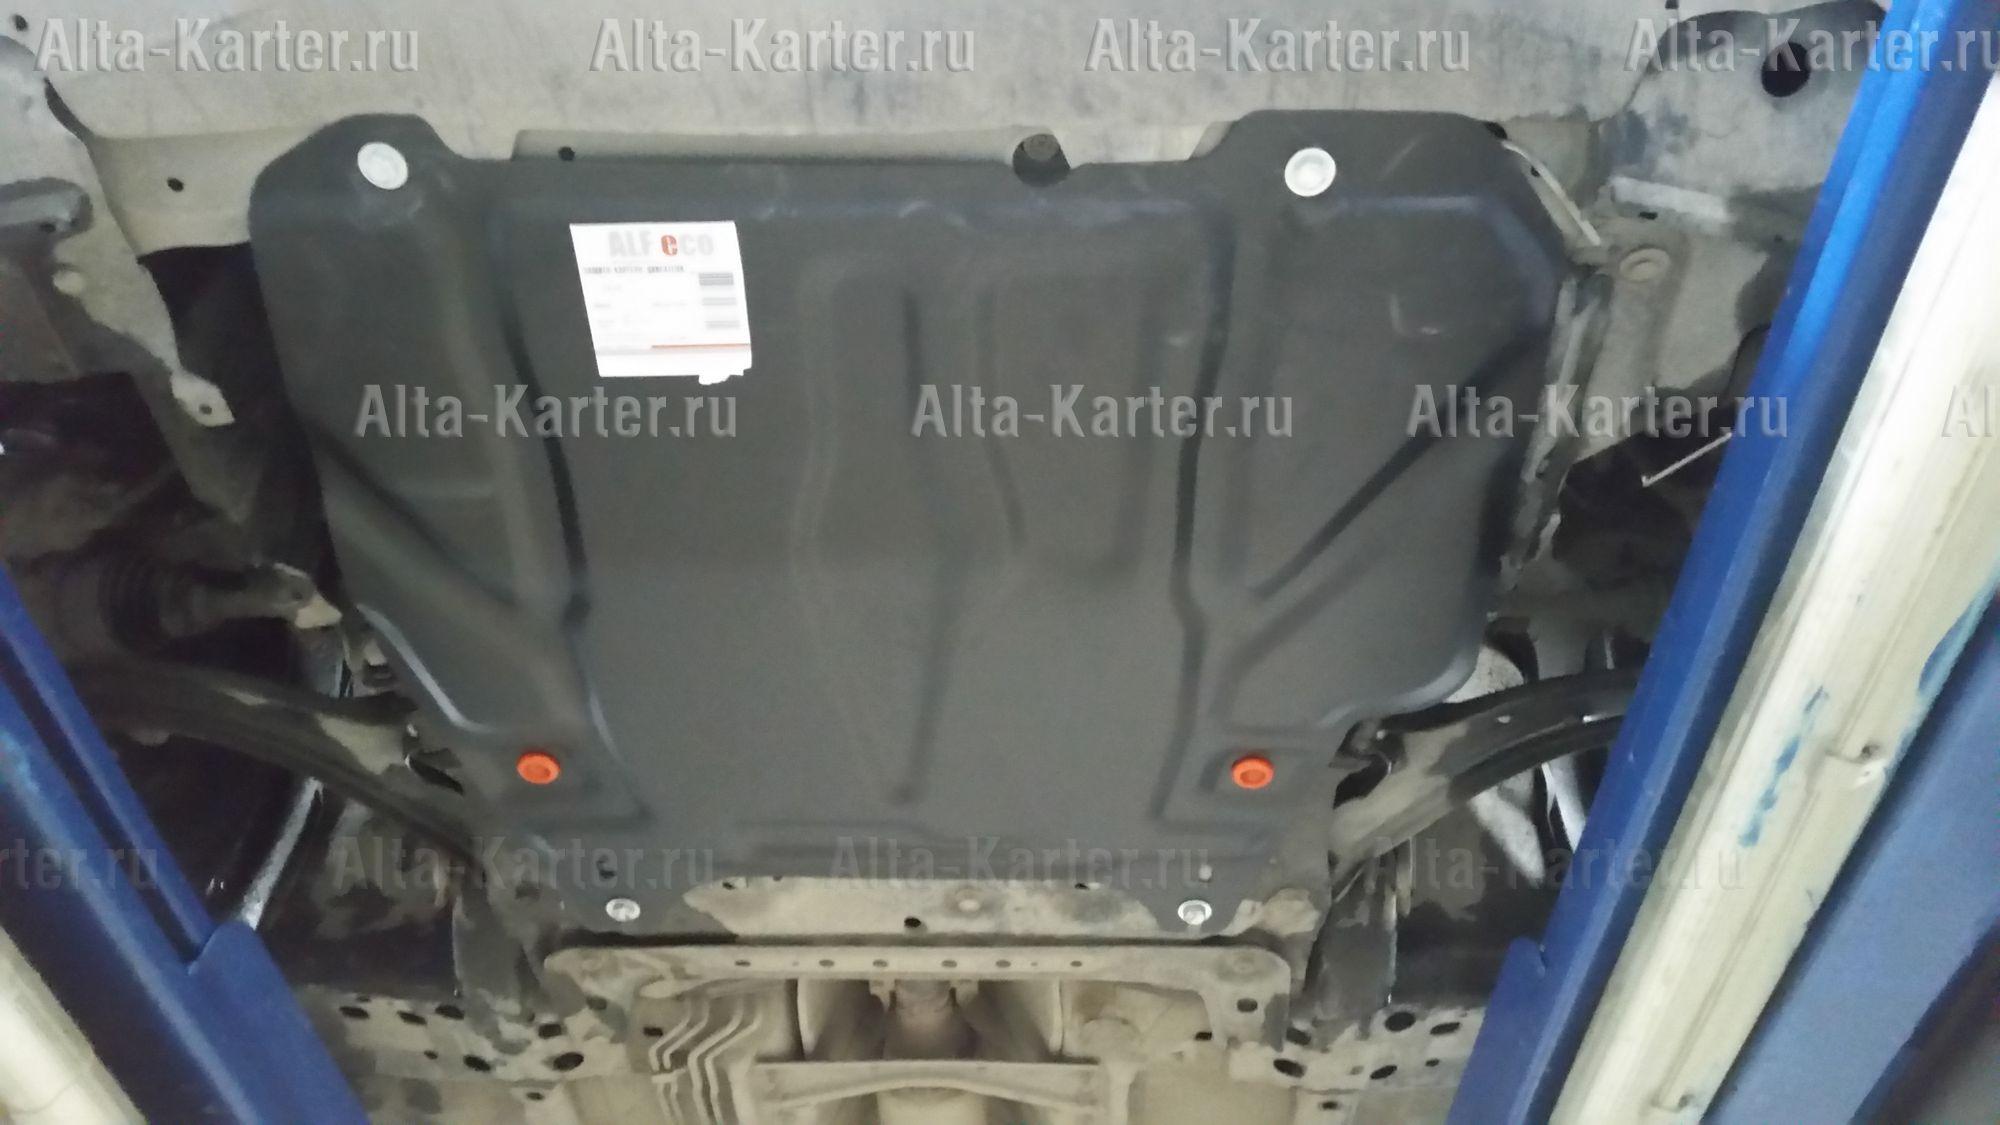 Защита Alfeco для картера и AКПП Nissan Note I (е11) 2005-2013. Артикул ALF.15.15